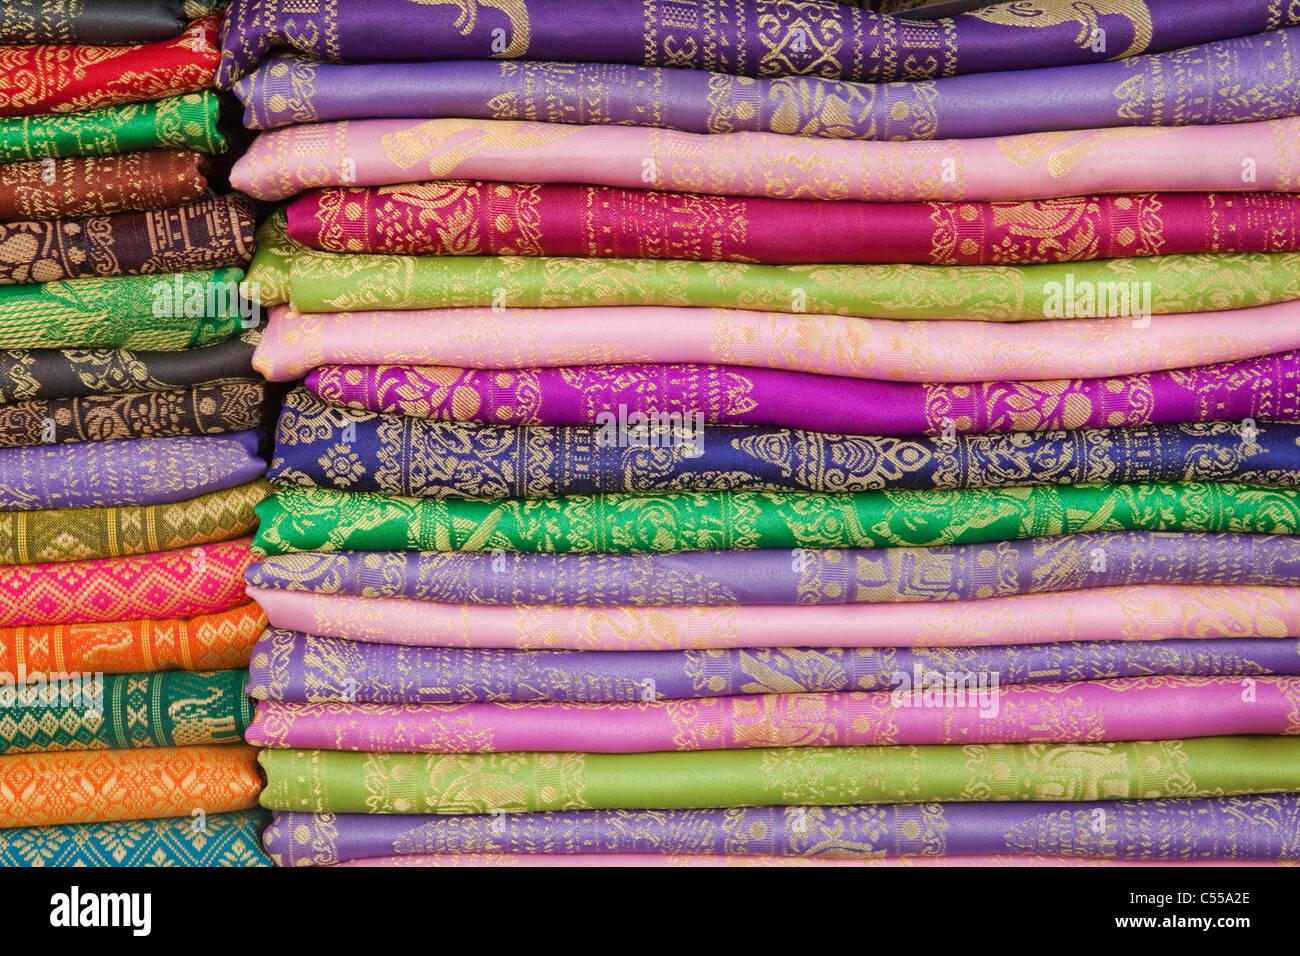 Dettaglio di tessuto di seta, Phnom Penh Cambogia Immagini Stock